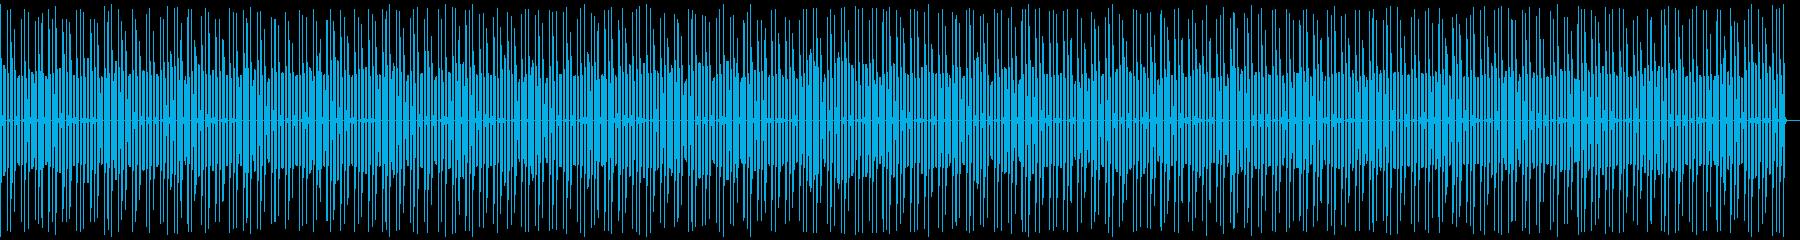 レトロゲーム危険ゾーン アプリ 昔チープの再生済みの波形